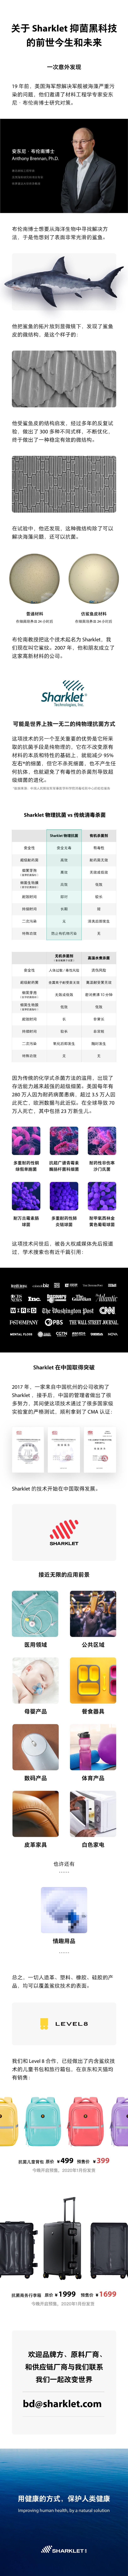 """一张图看懂罗永浩""""老人与海""""发布会-玩懂手机网 - 玩懂手机第一手的手机资讯网(www.wdshouji.com)"""